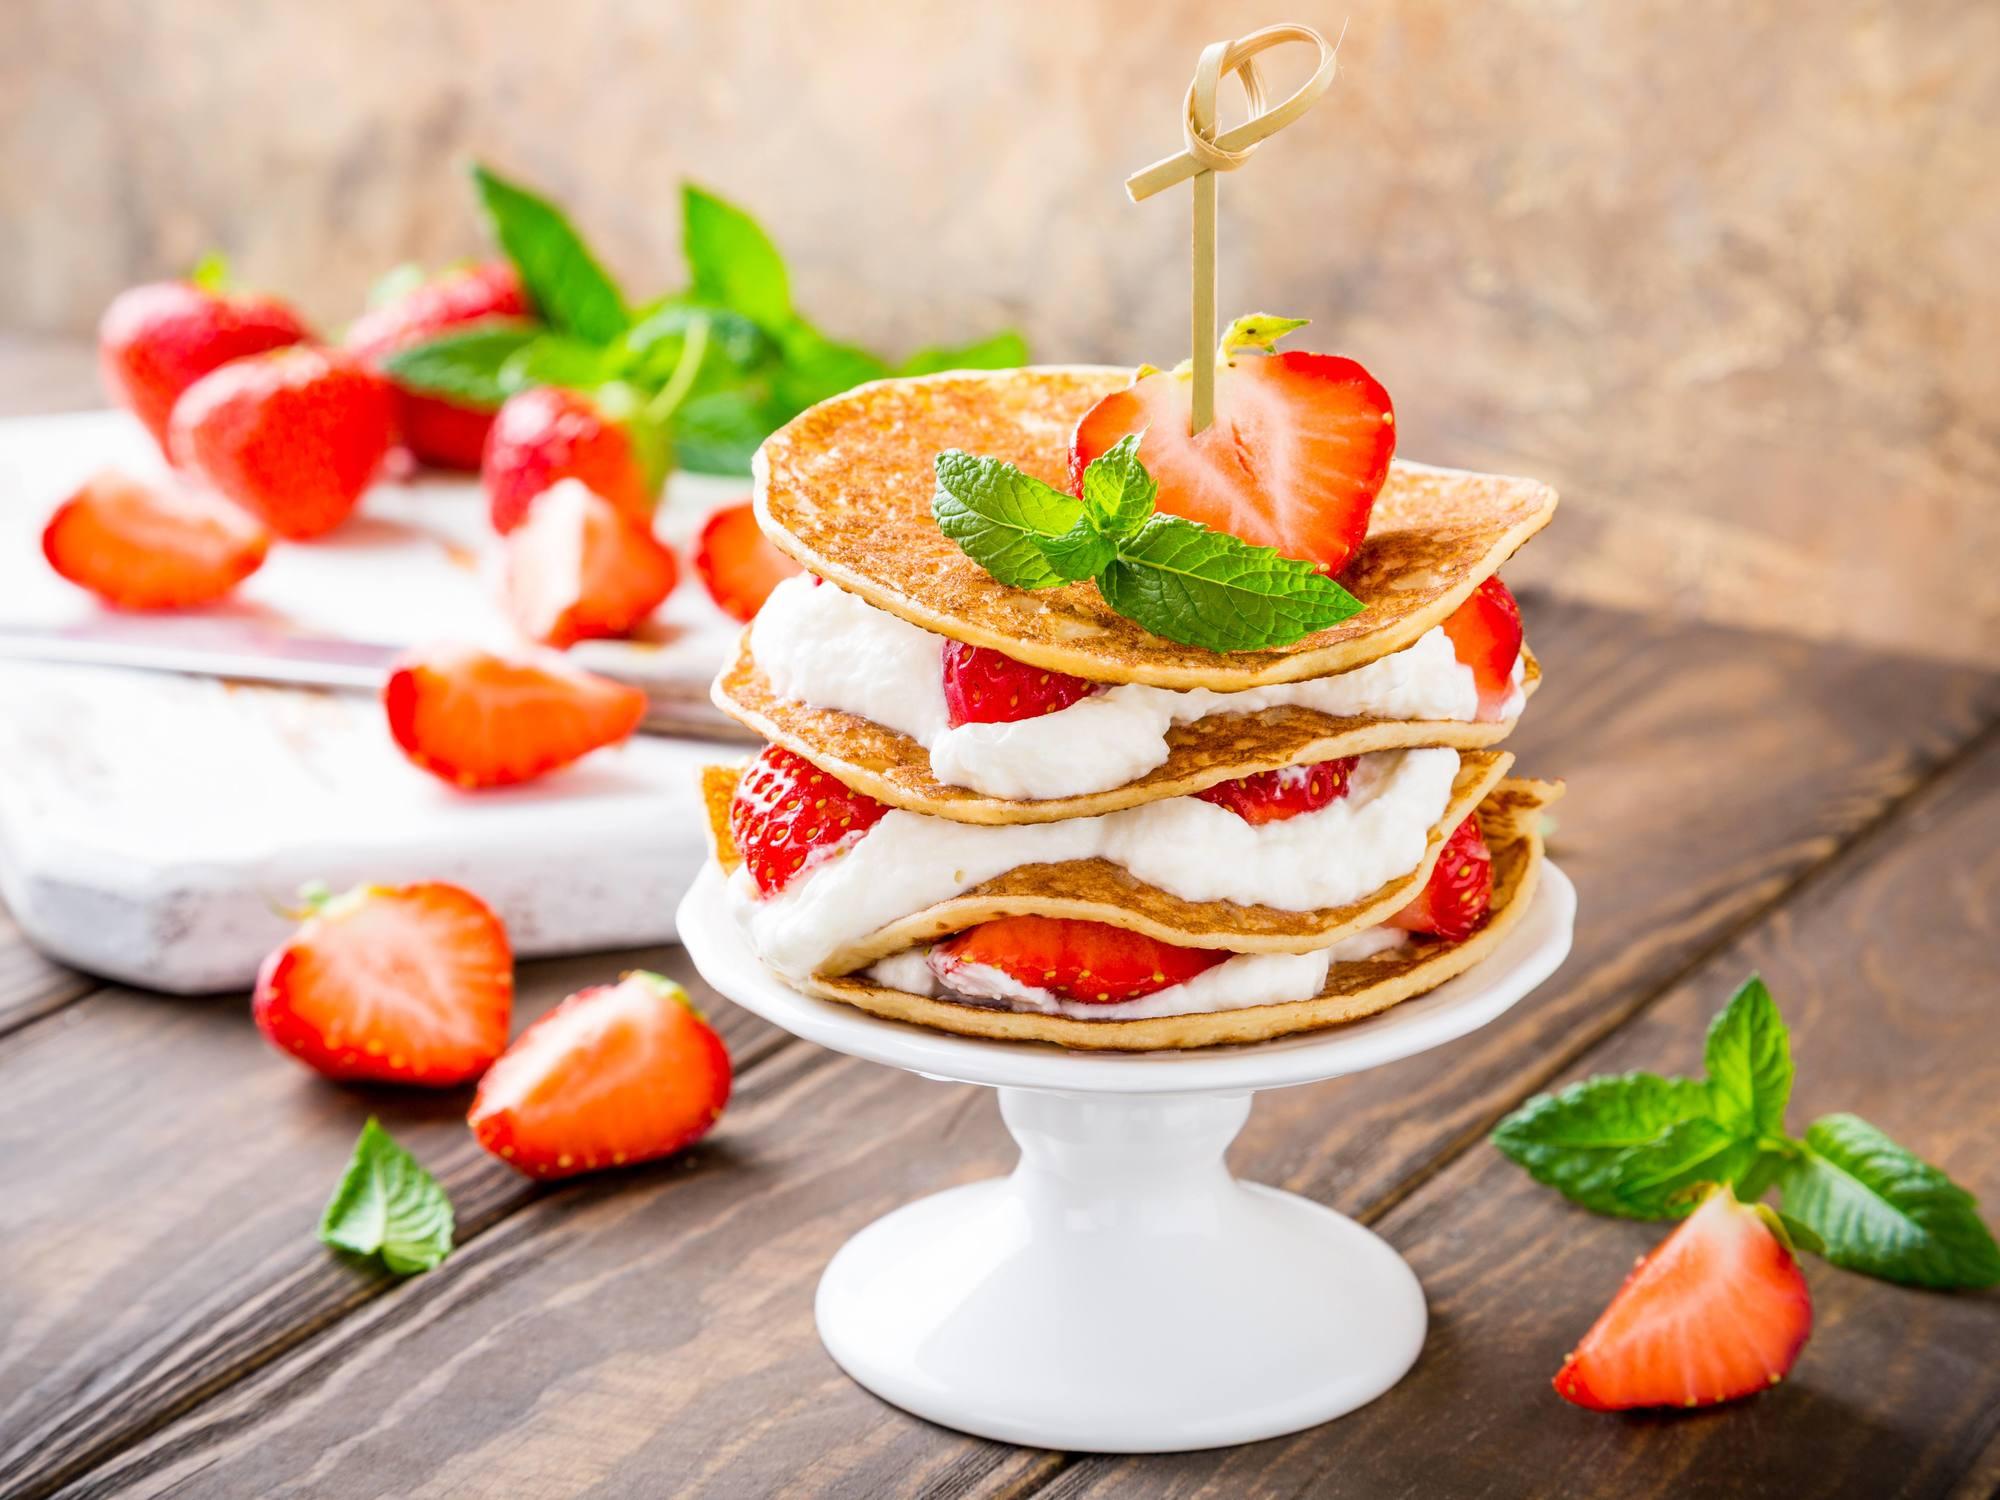 Mille-crêpes aux fraises et chantilly sans gluten